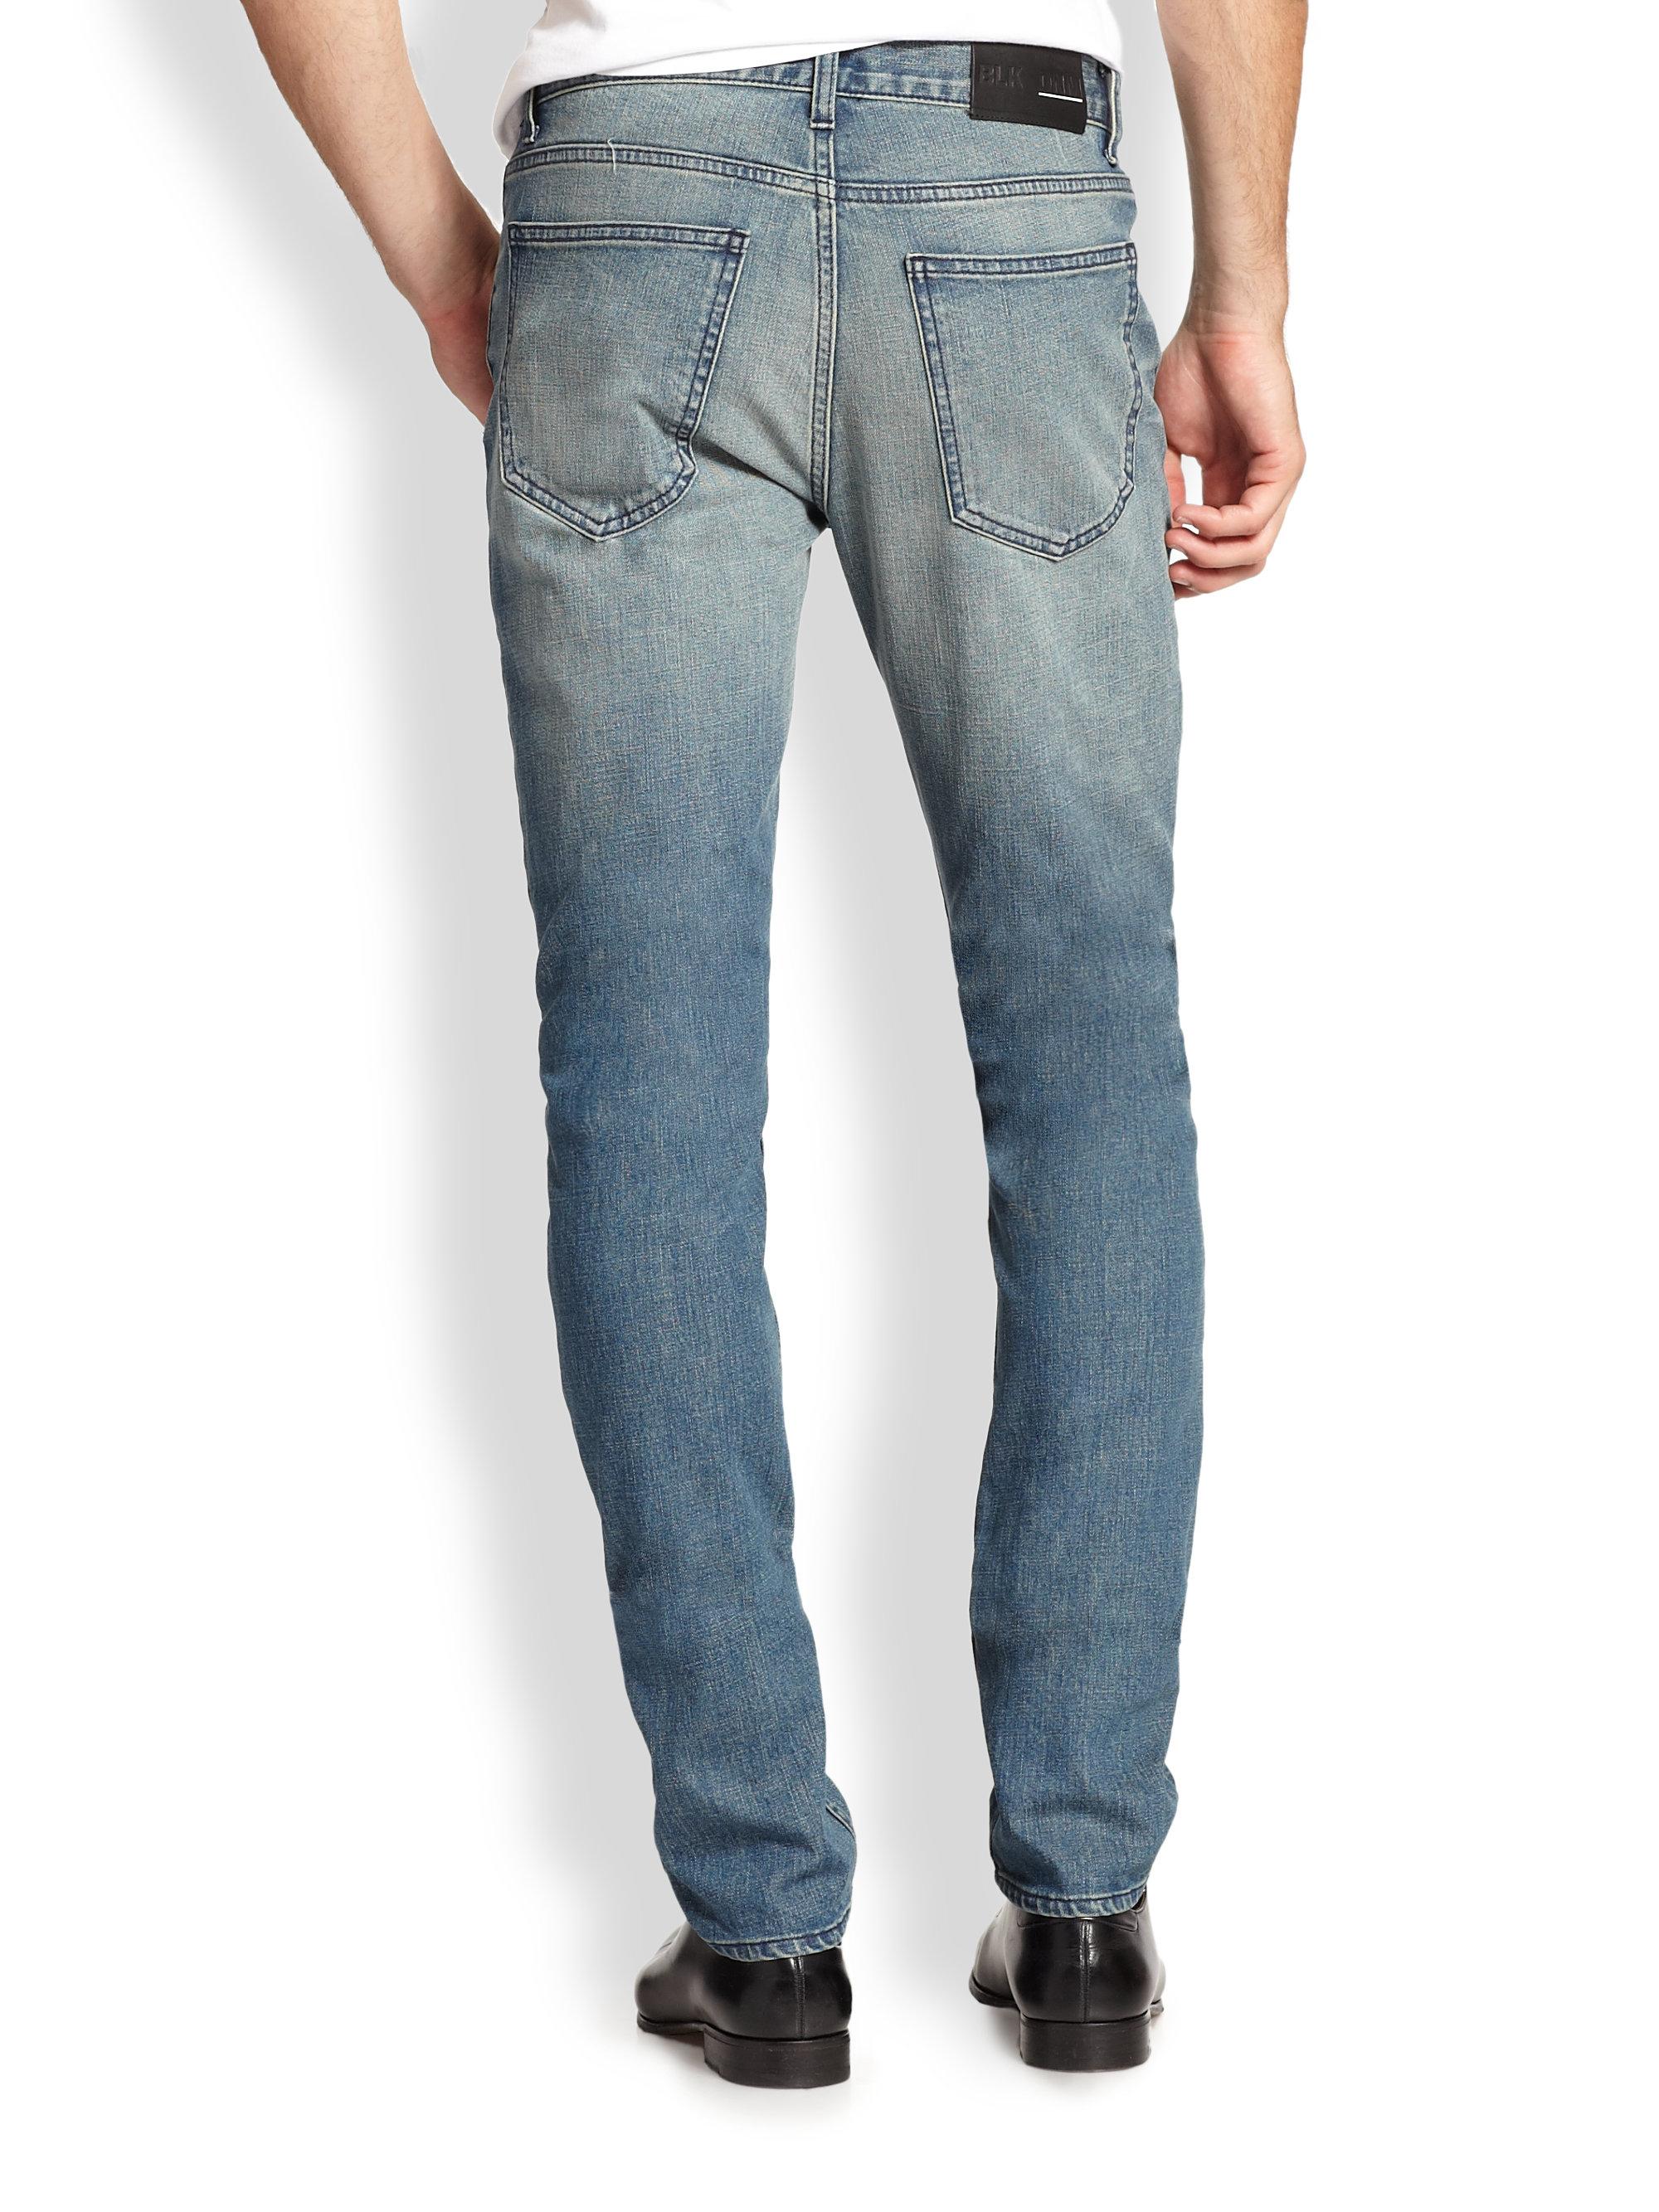 blk dnm mid rise slim fit jeans in blue for men lyst. Black Bedroom Furniture Sets. Home Design Ideas